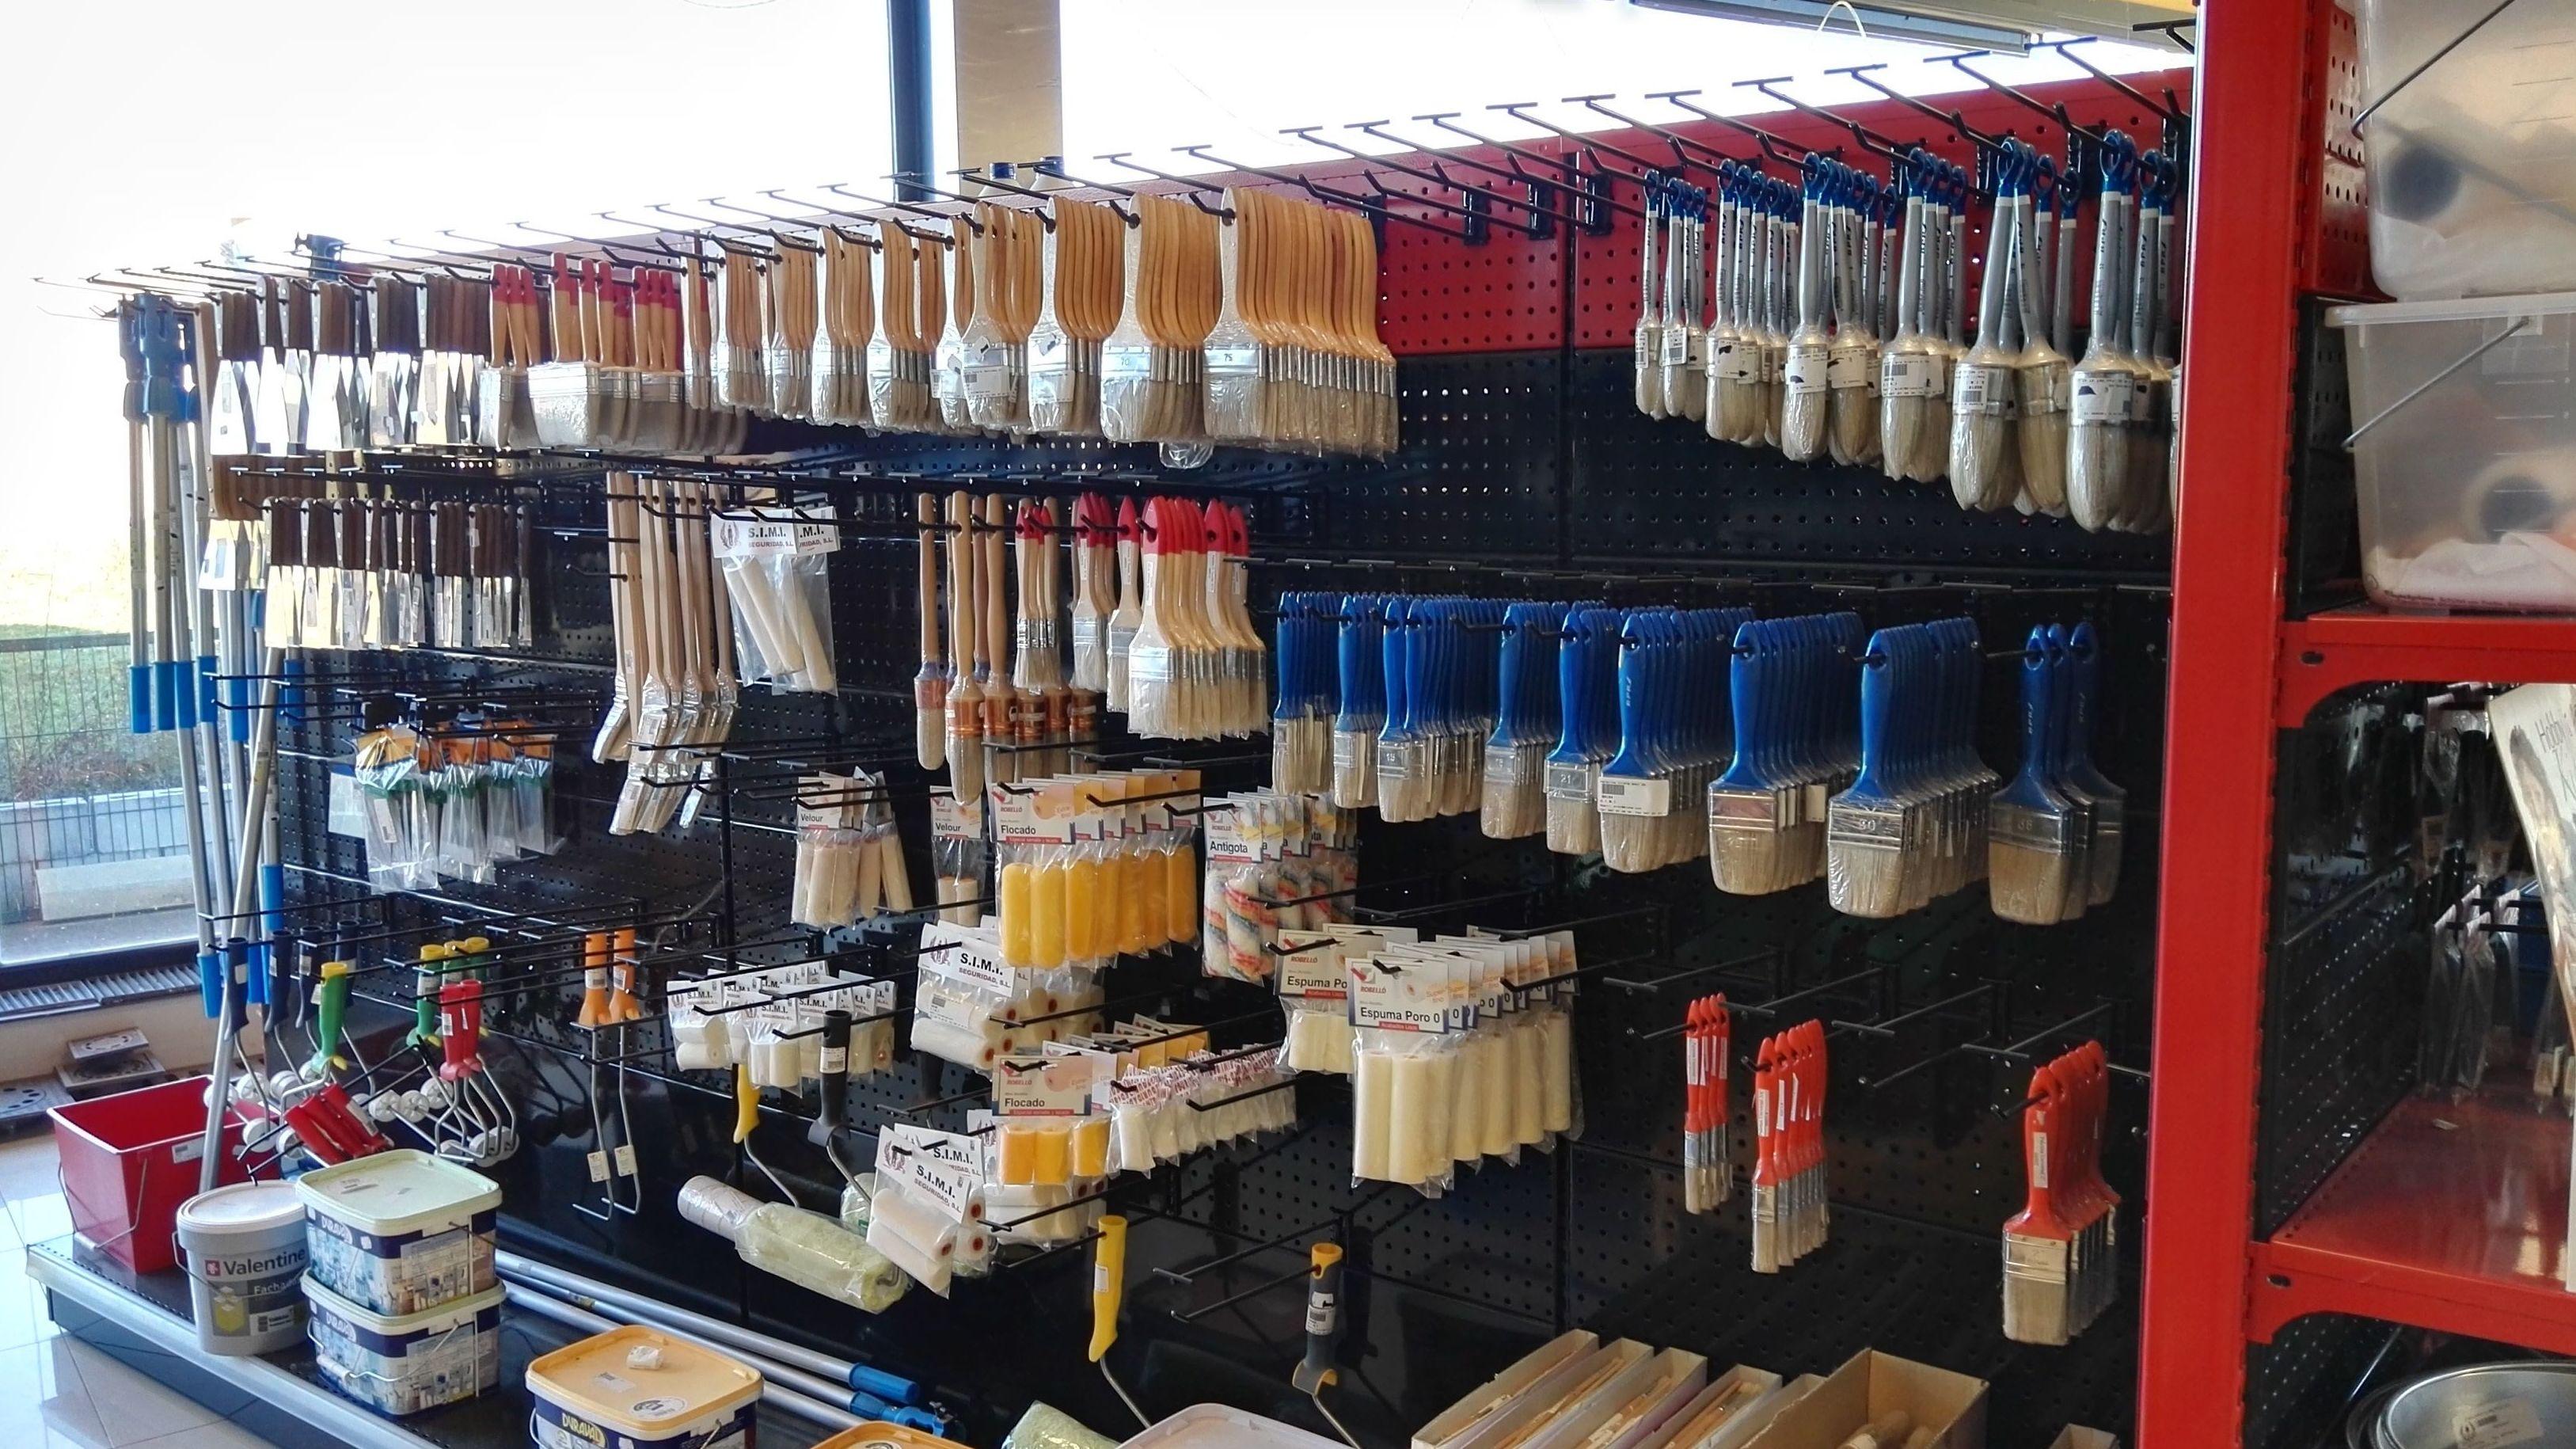 Venta de productos de ferretería en Veguellina de Órbigo \u002D León